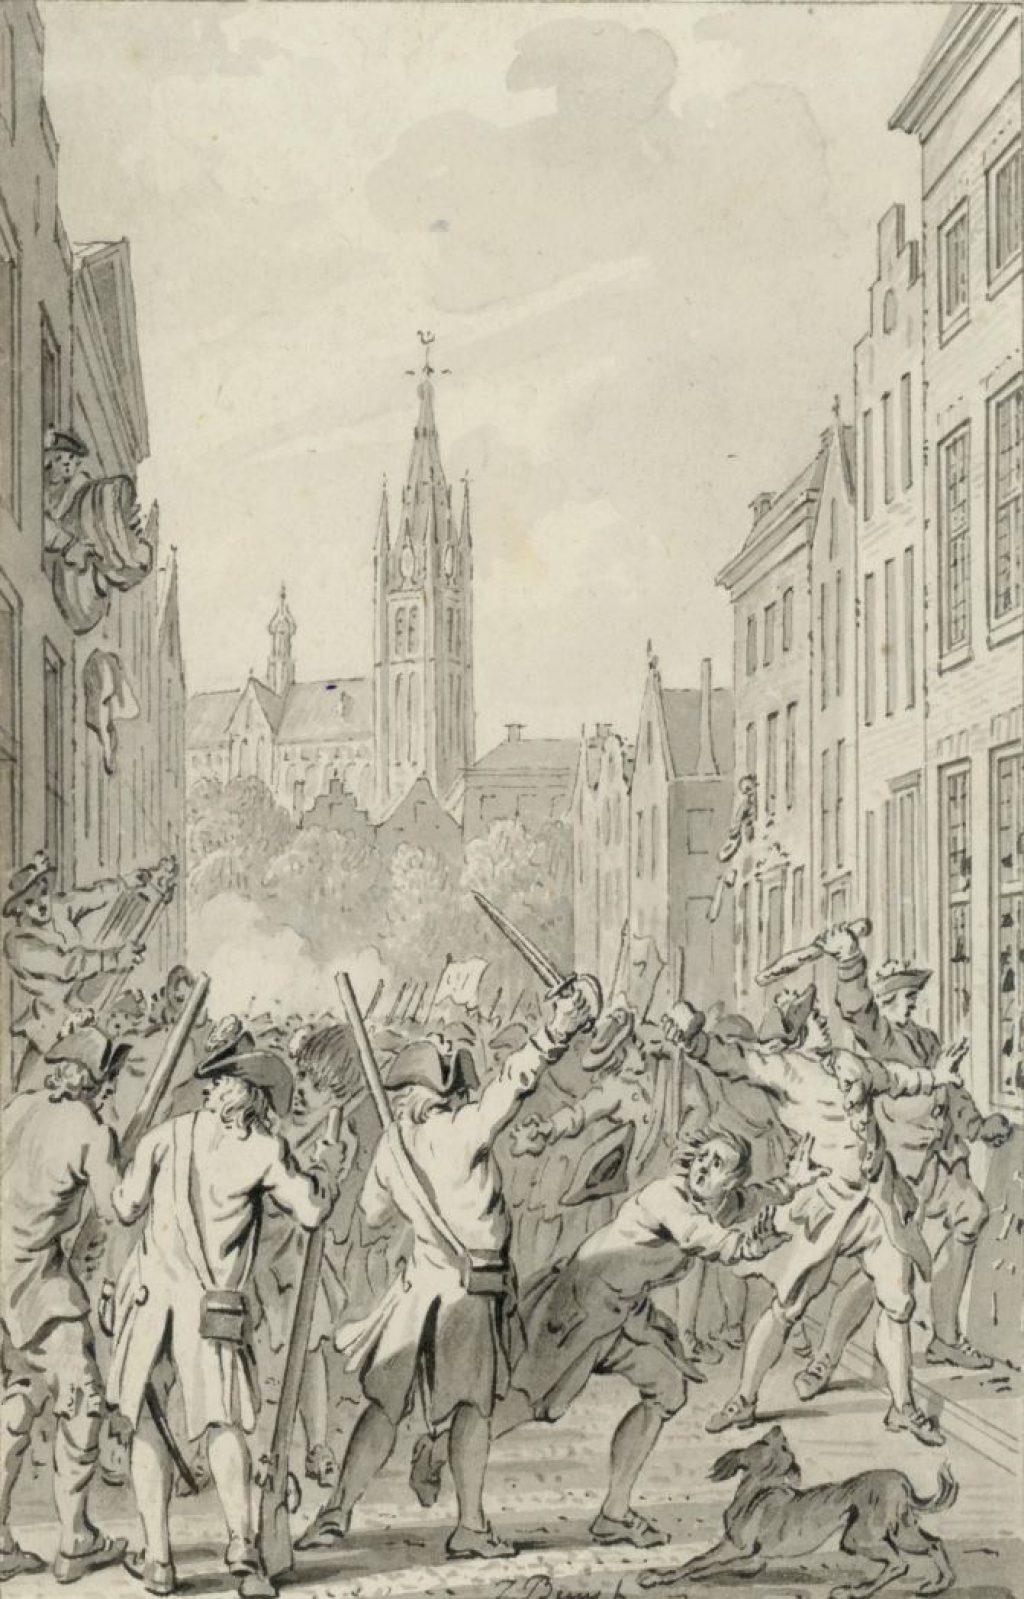 Haagse Oranjegezinden plunderen huizen van Delftse patriotten; tekening door Jacobus Buijs, 1787. (TMS 70731)